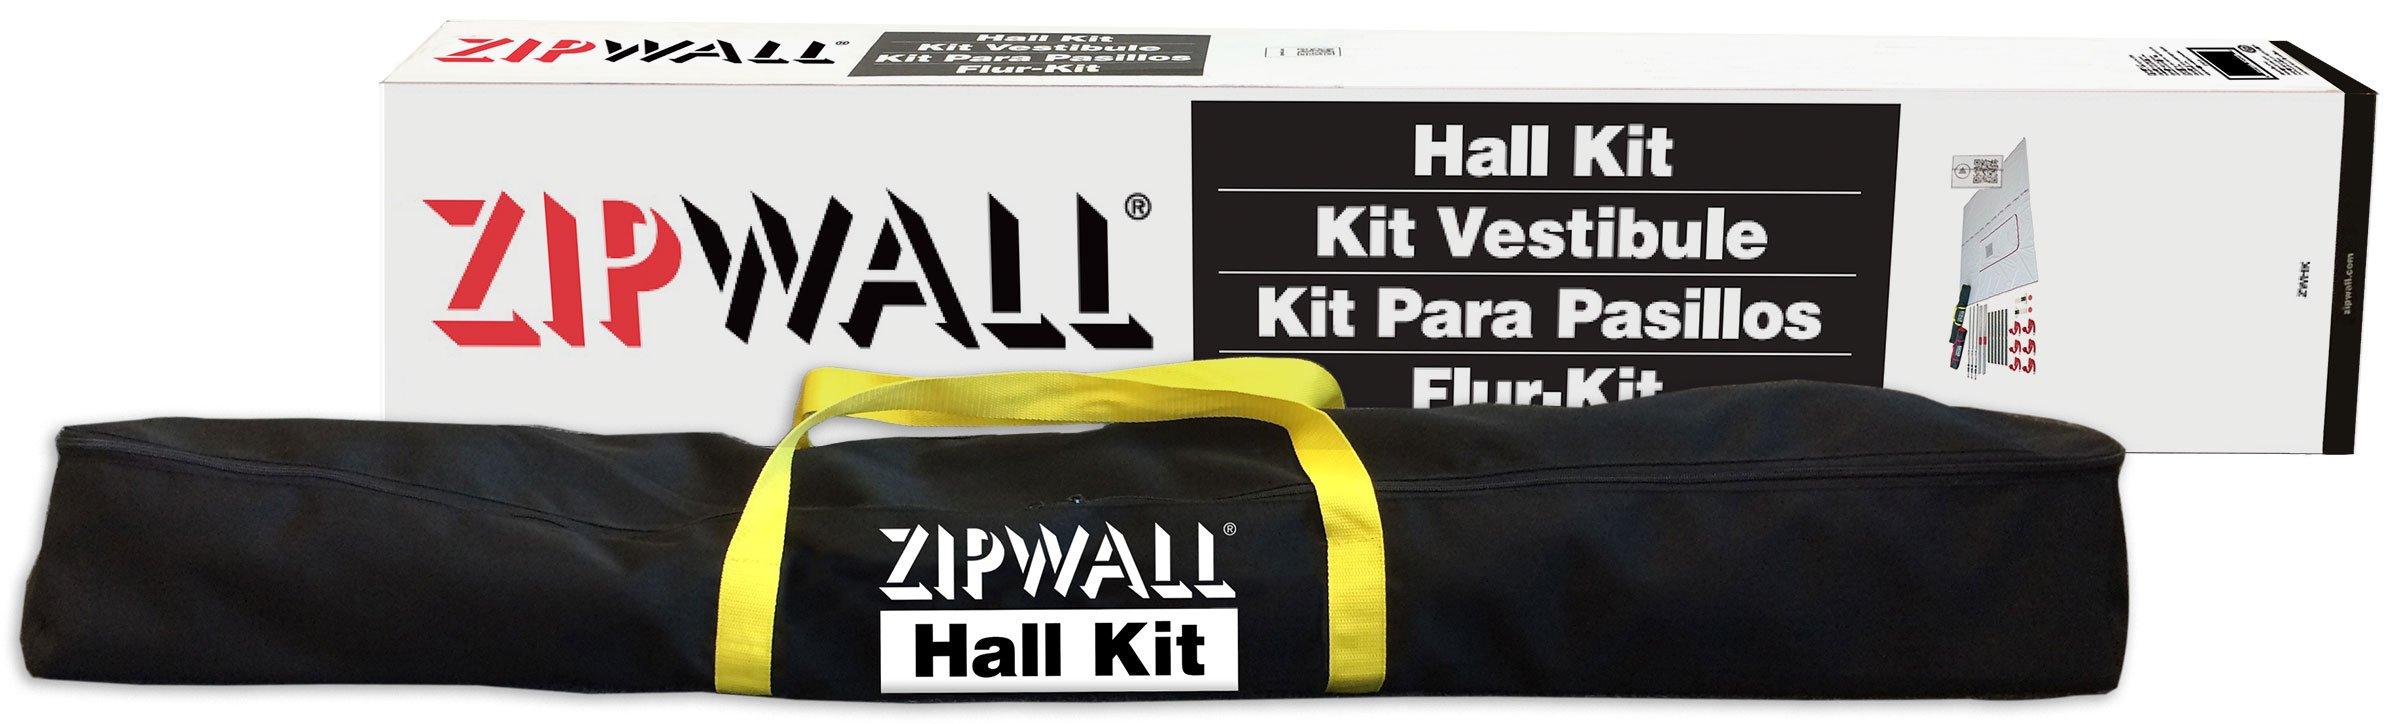 ZipWall ZWHK Hall Kit